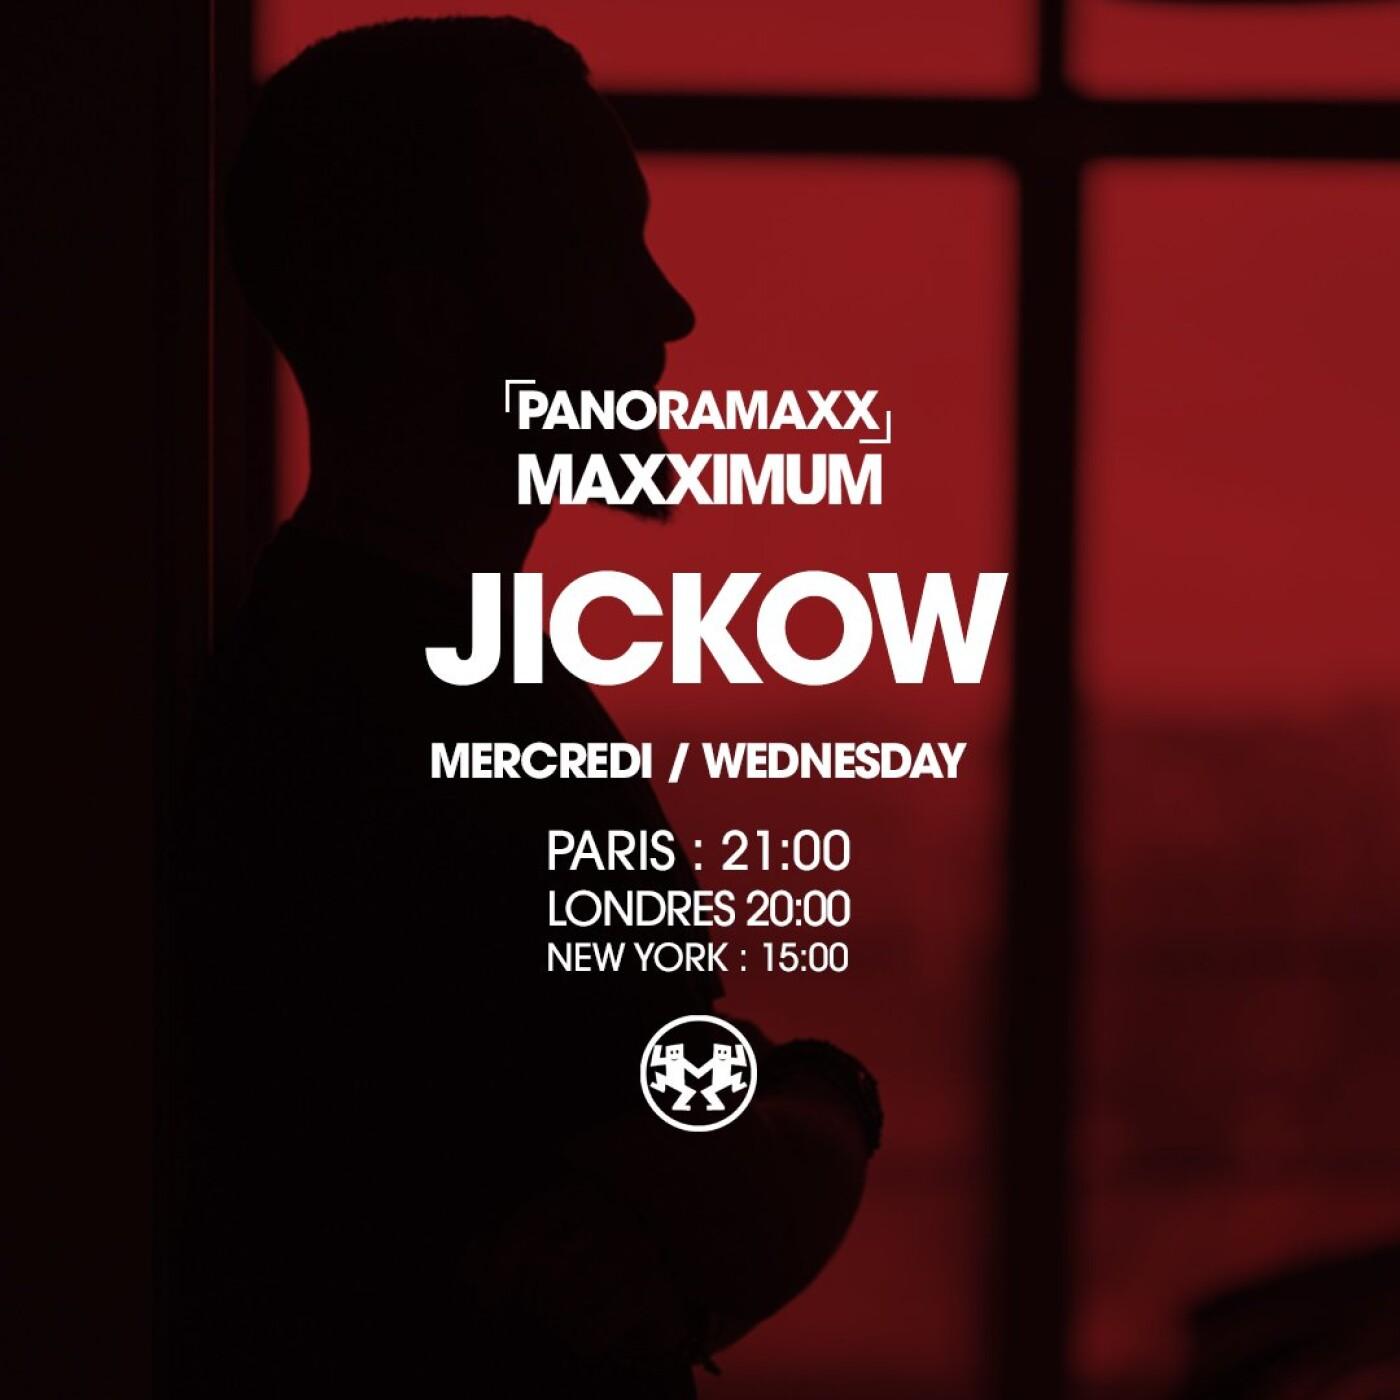 PANORAMAXX : JICKOW